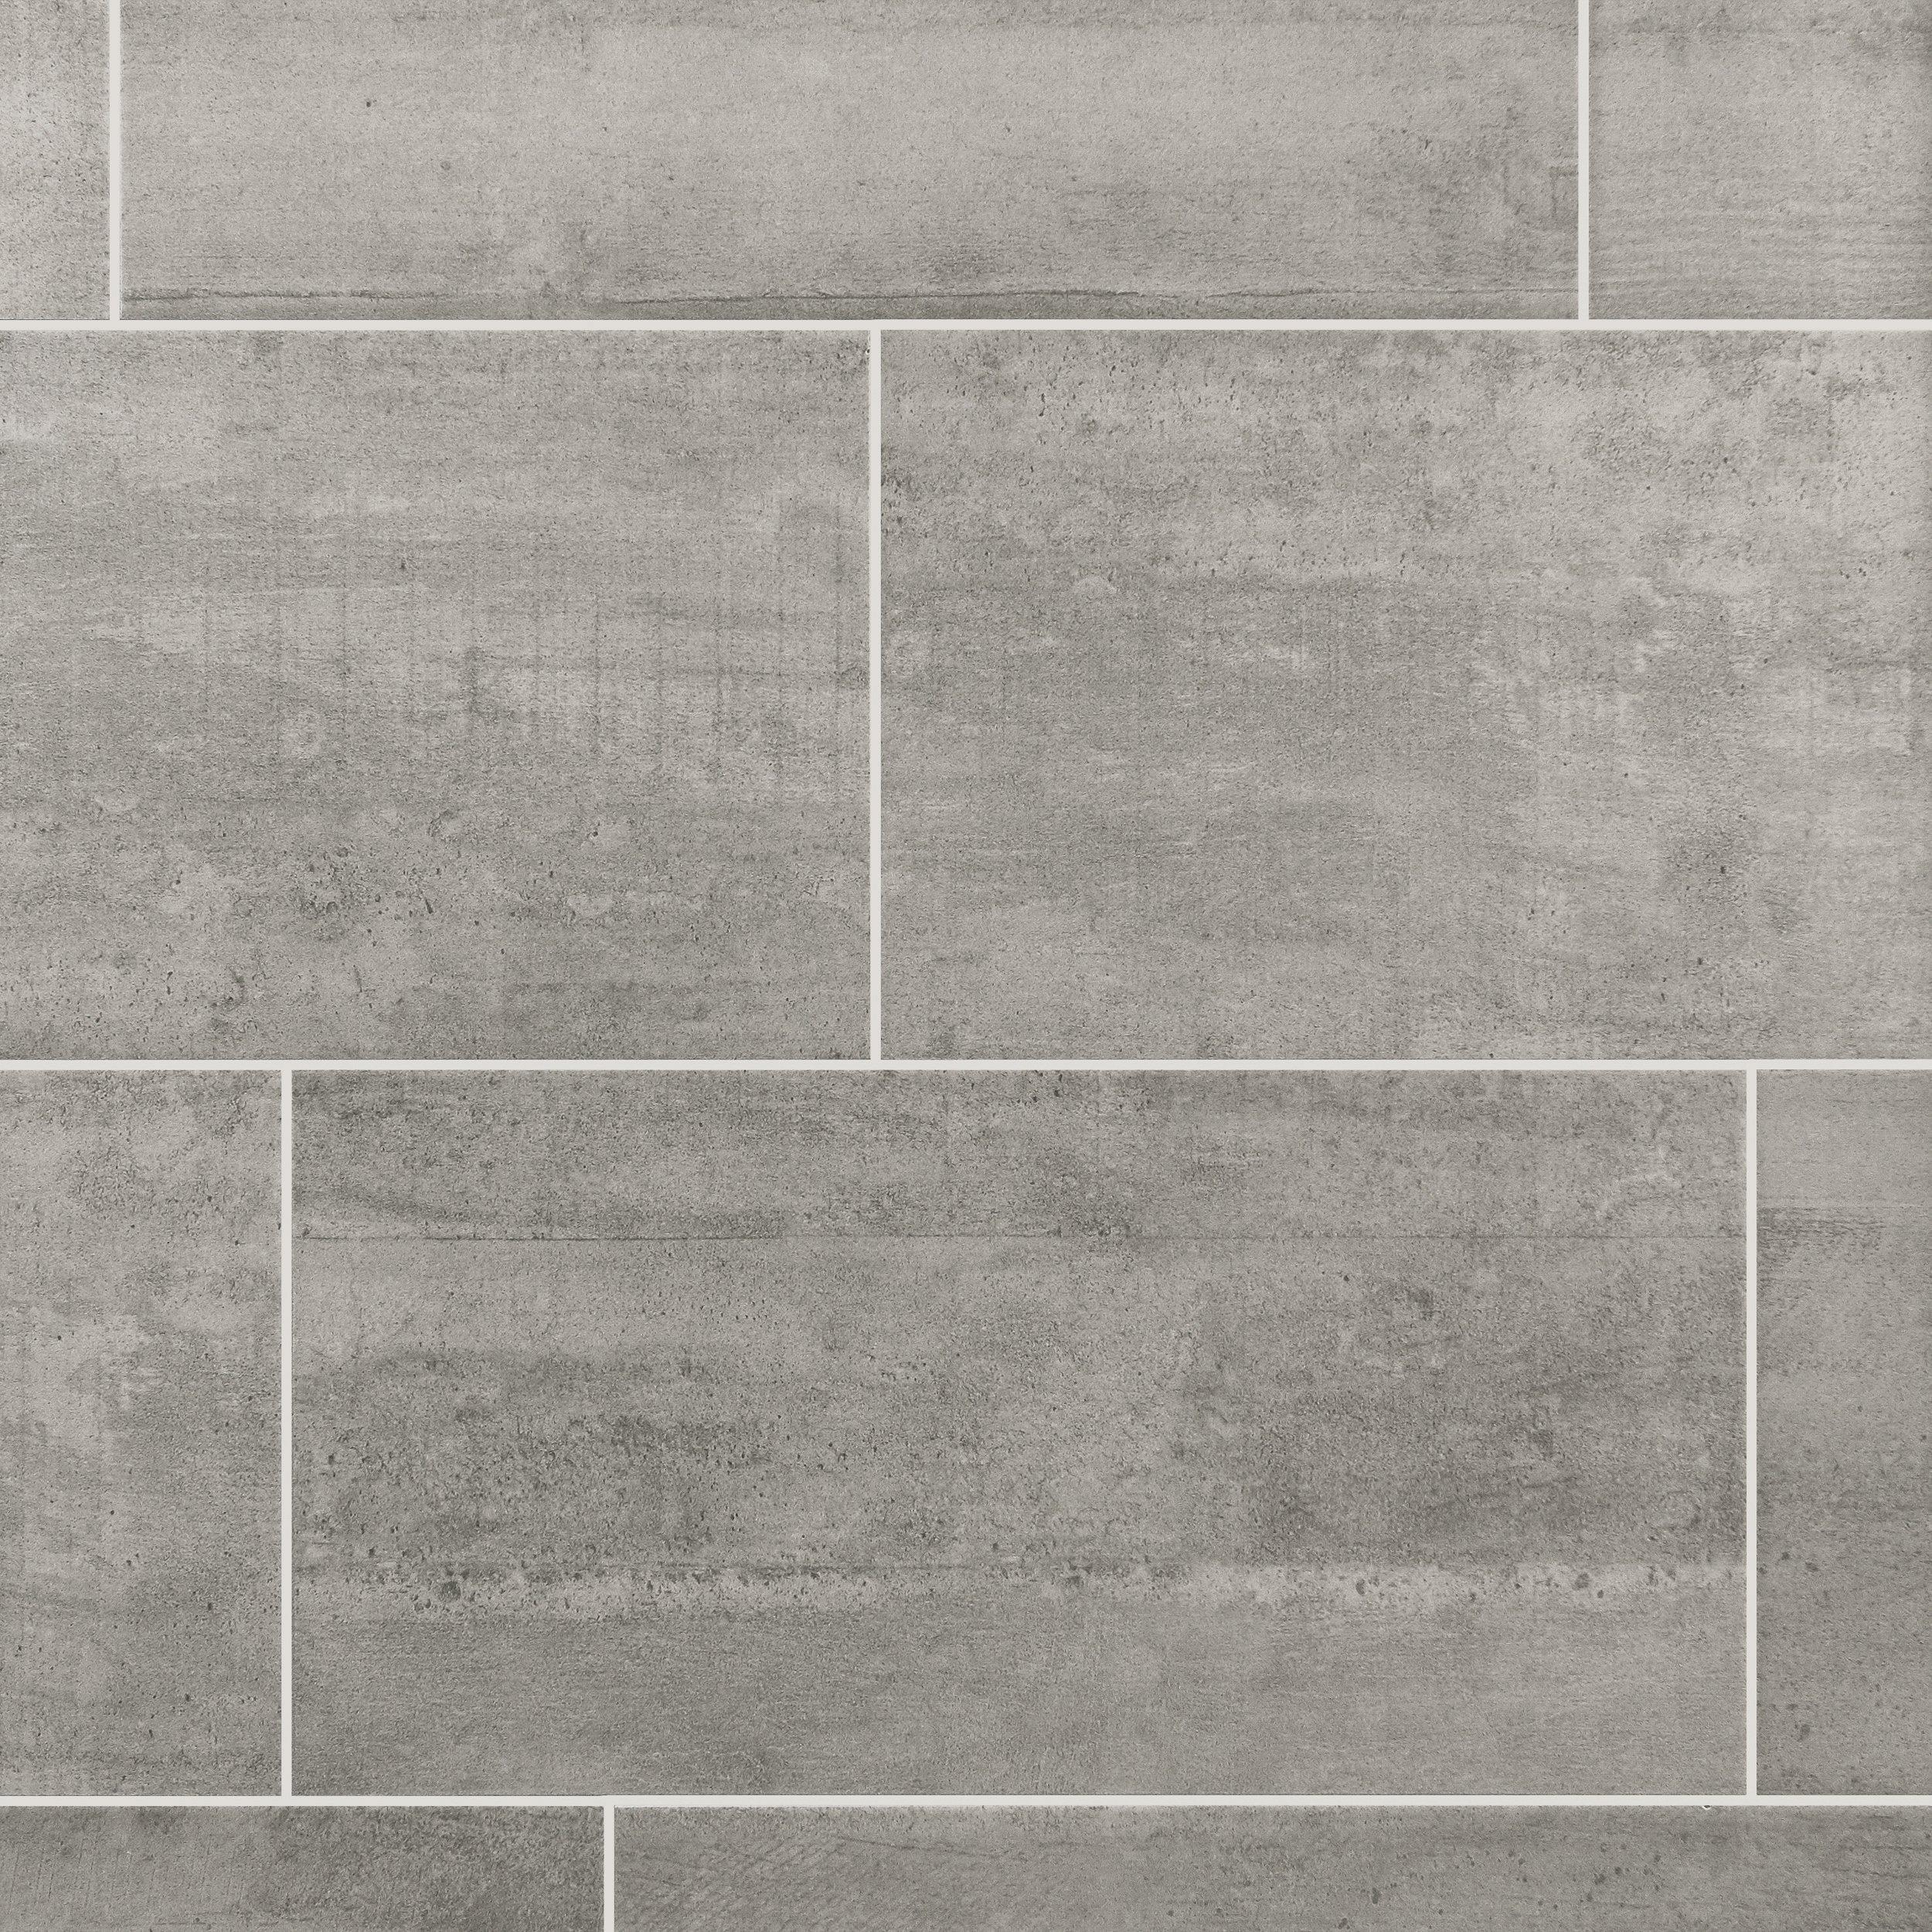 Polish Bathroom Tile: Floor & Decor